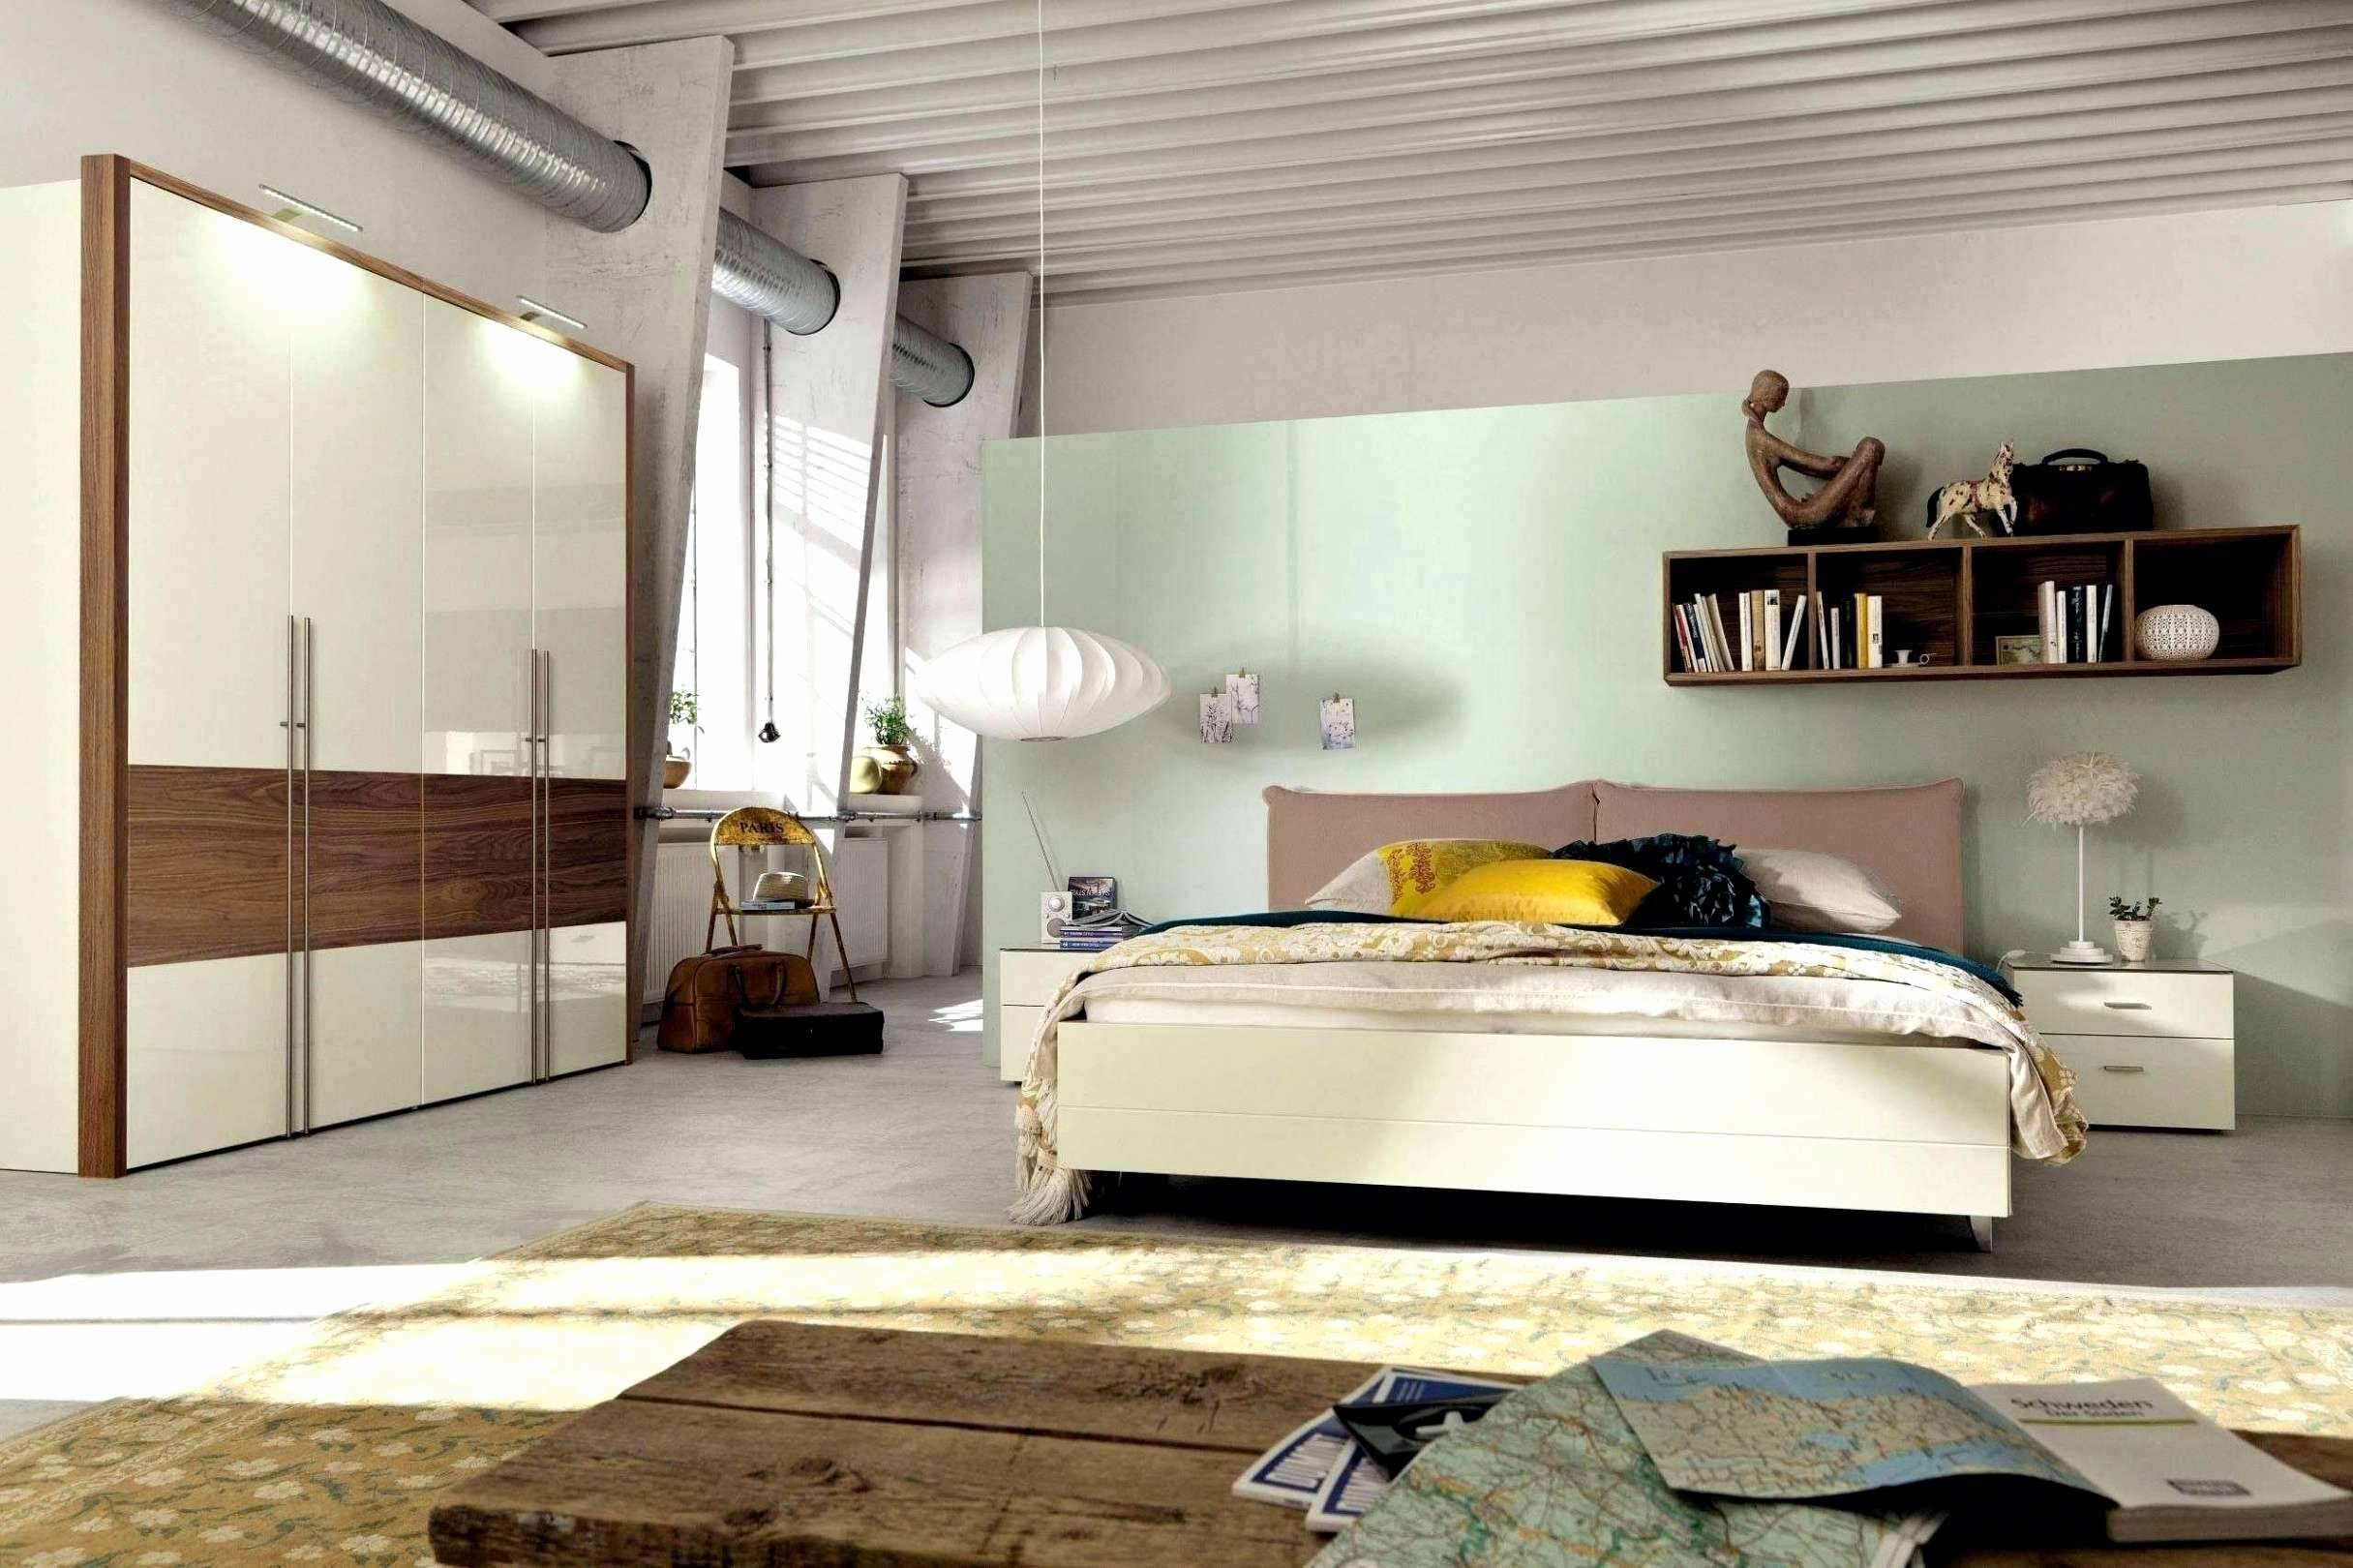 Full Size of Podest Bett 32 Inspirierend Bauen Wohnzimmer Elegant Frisch Weiß Mit Schubladen Landhaus 120x200 Chesterfield Betten 200x200 Günstiges Hoch Matratze Und Bett Podest Bett